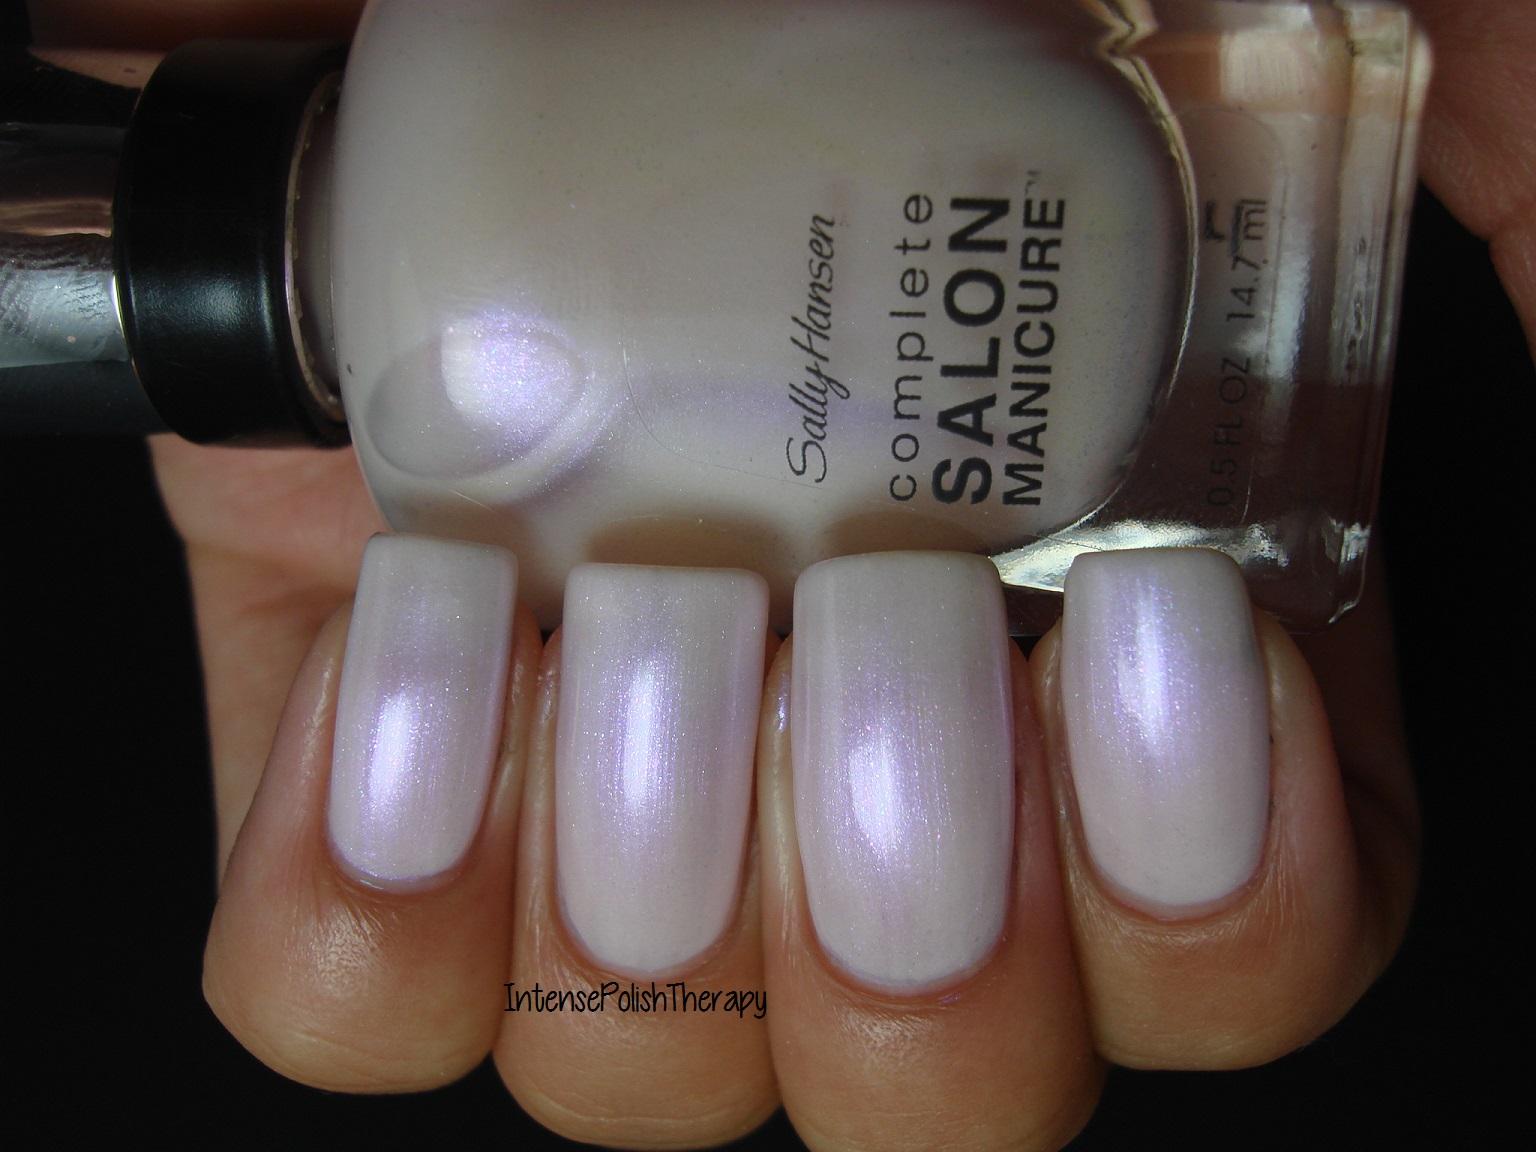 Sally Hansen Salon Gel Manicure